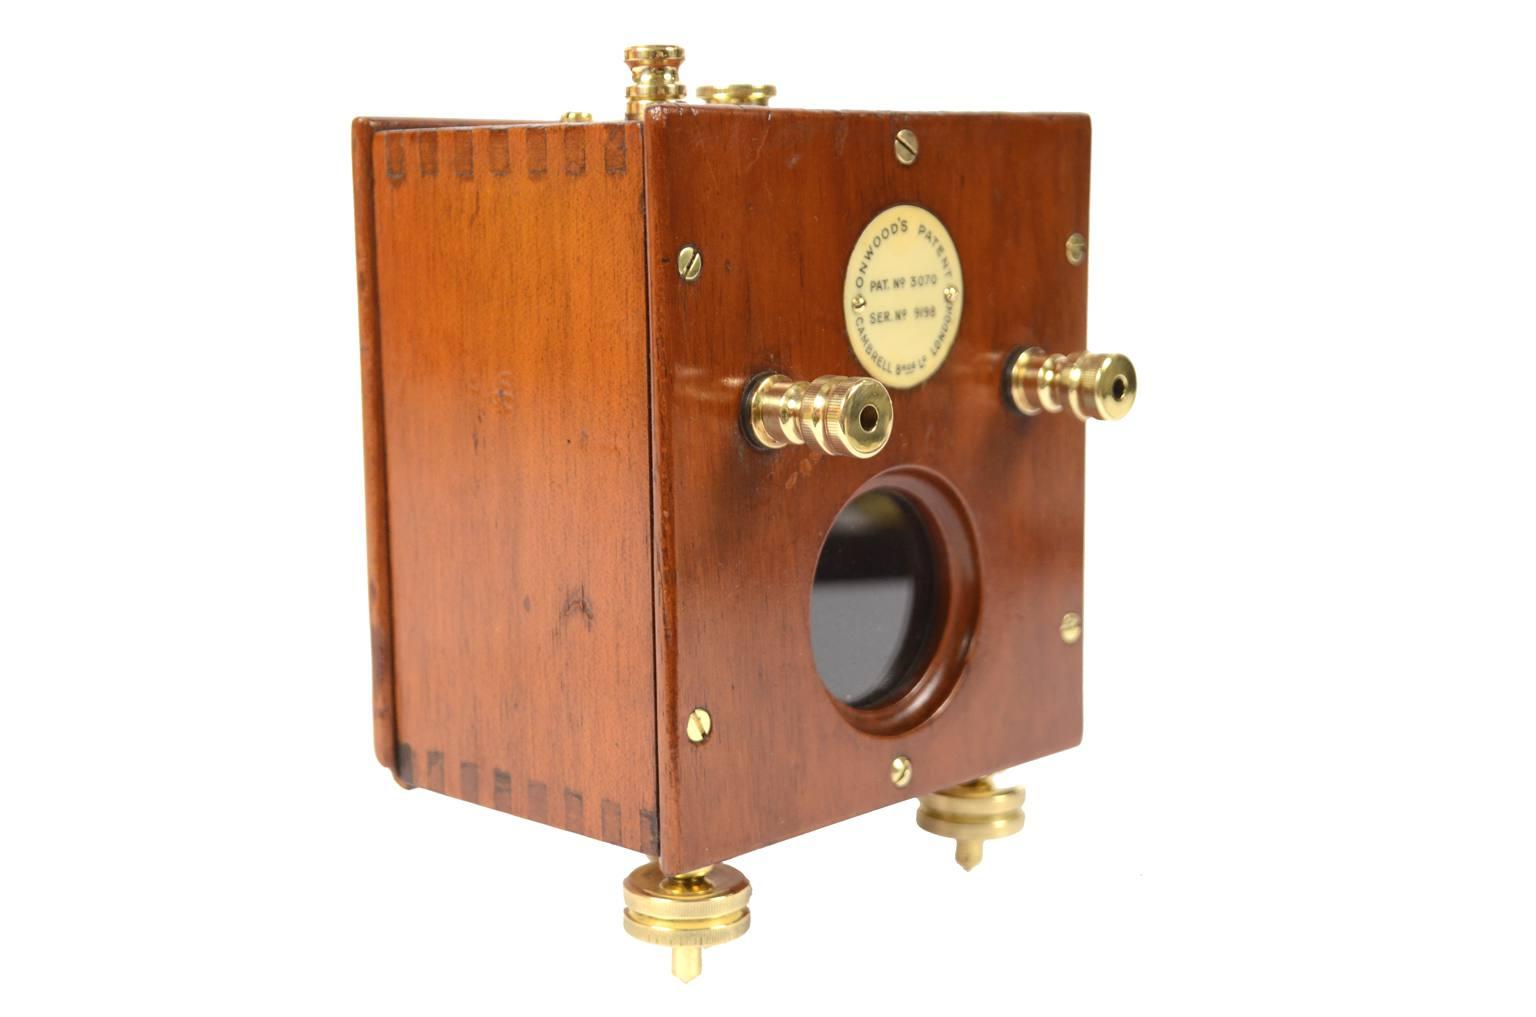 Strumenti di misura antichi/A16-Galvanometro a specchio